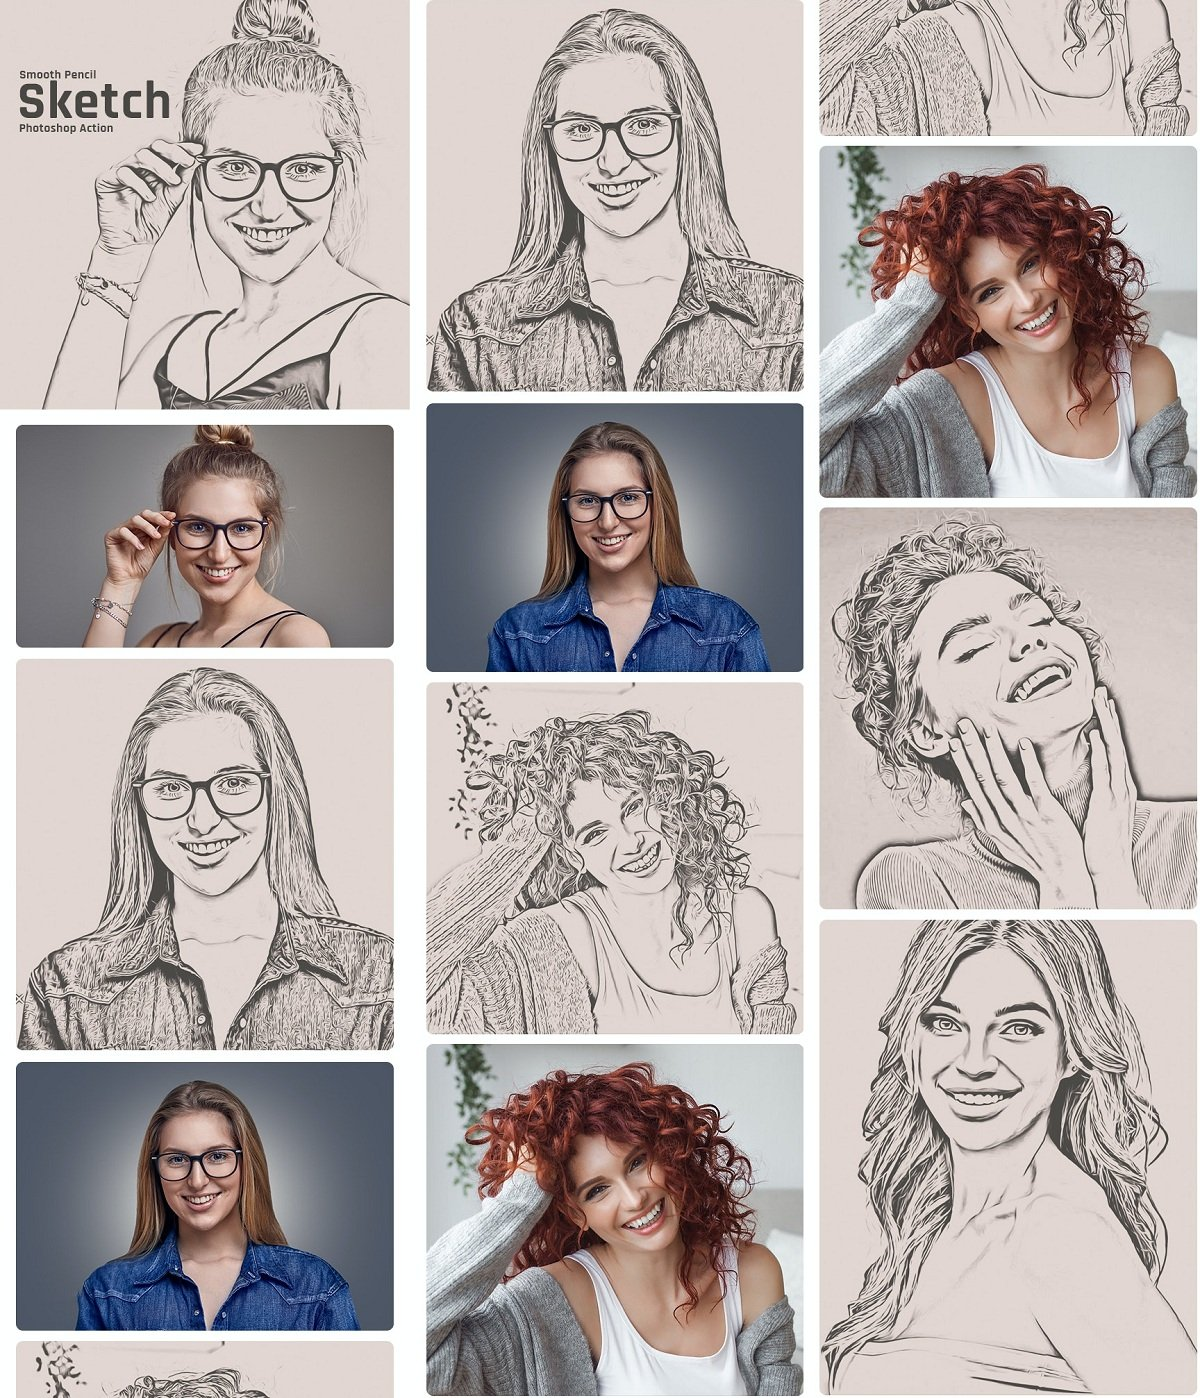 Download GraphicRiver - Pencil Sketch Photoshop Action